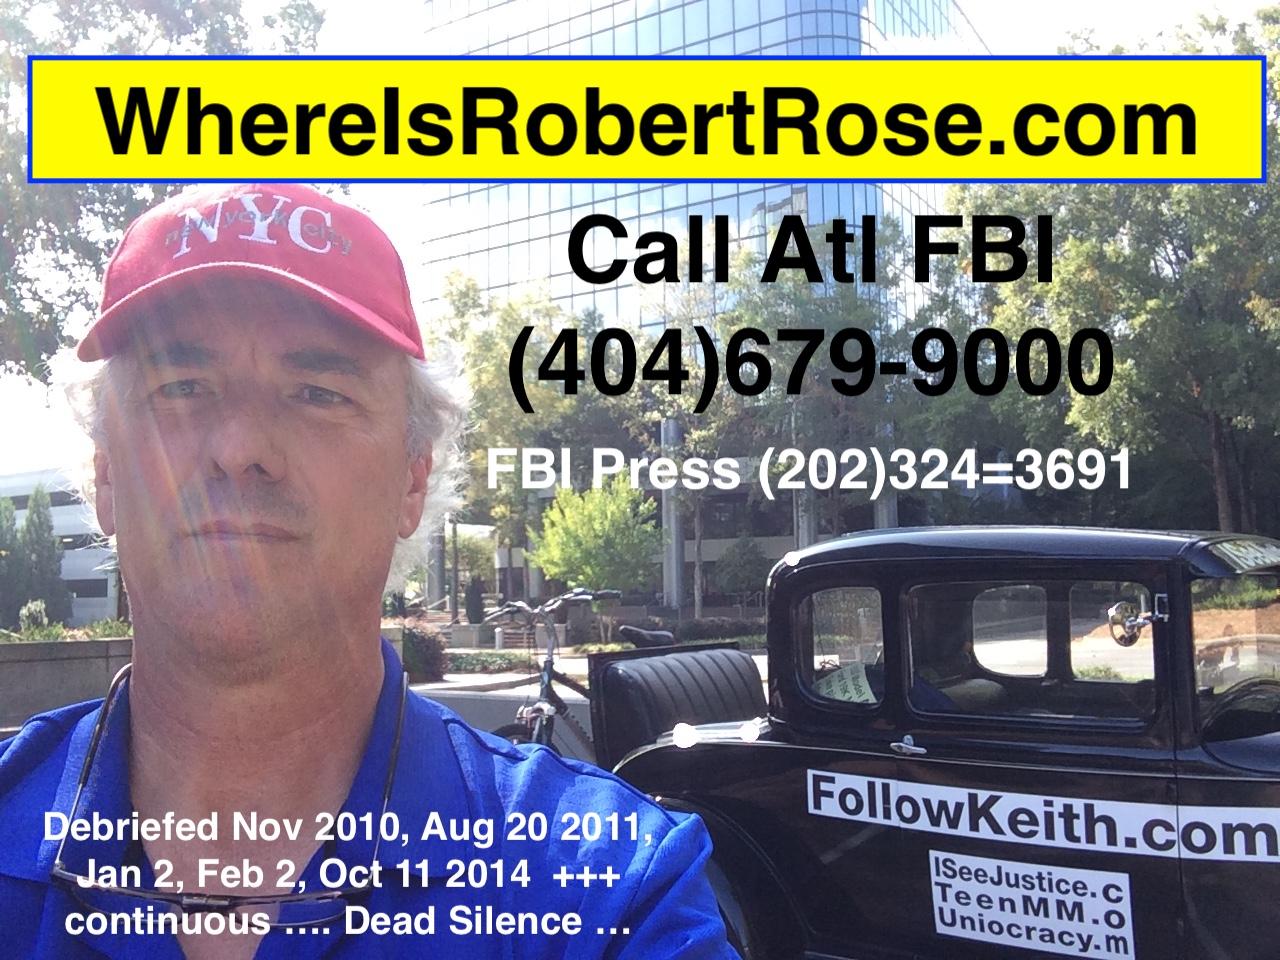 BBK20141011Atl-FBI-WhereIsRobertRose-Hea